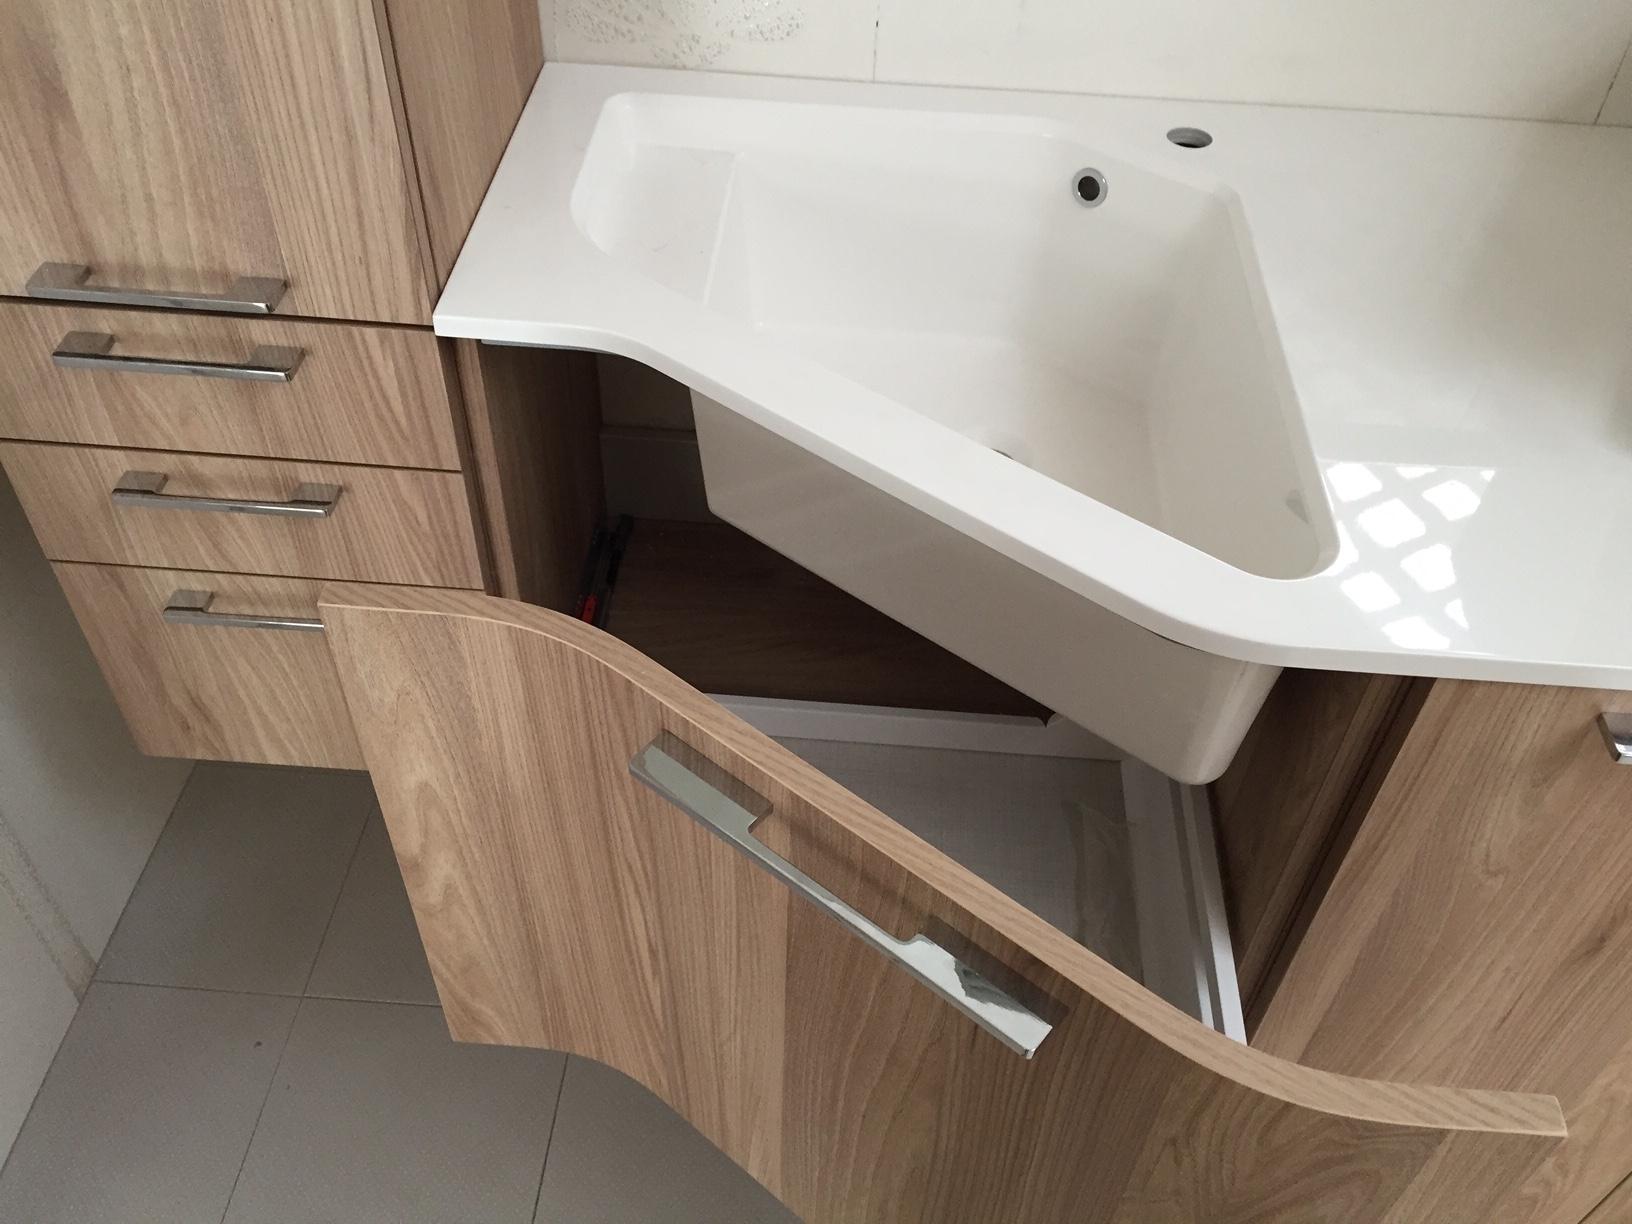 Mobile bagno lavanderia Arbi a prezzi scontati - Arredo bagno a prezzi scontati